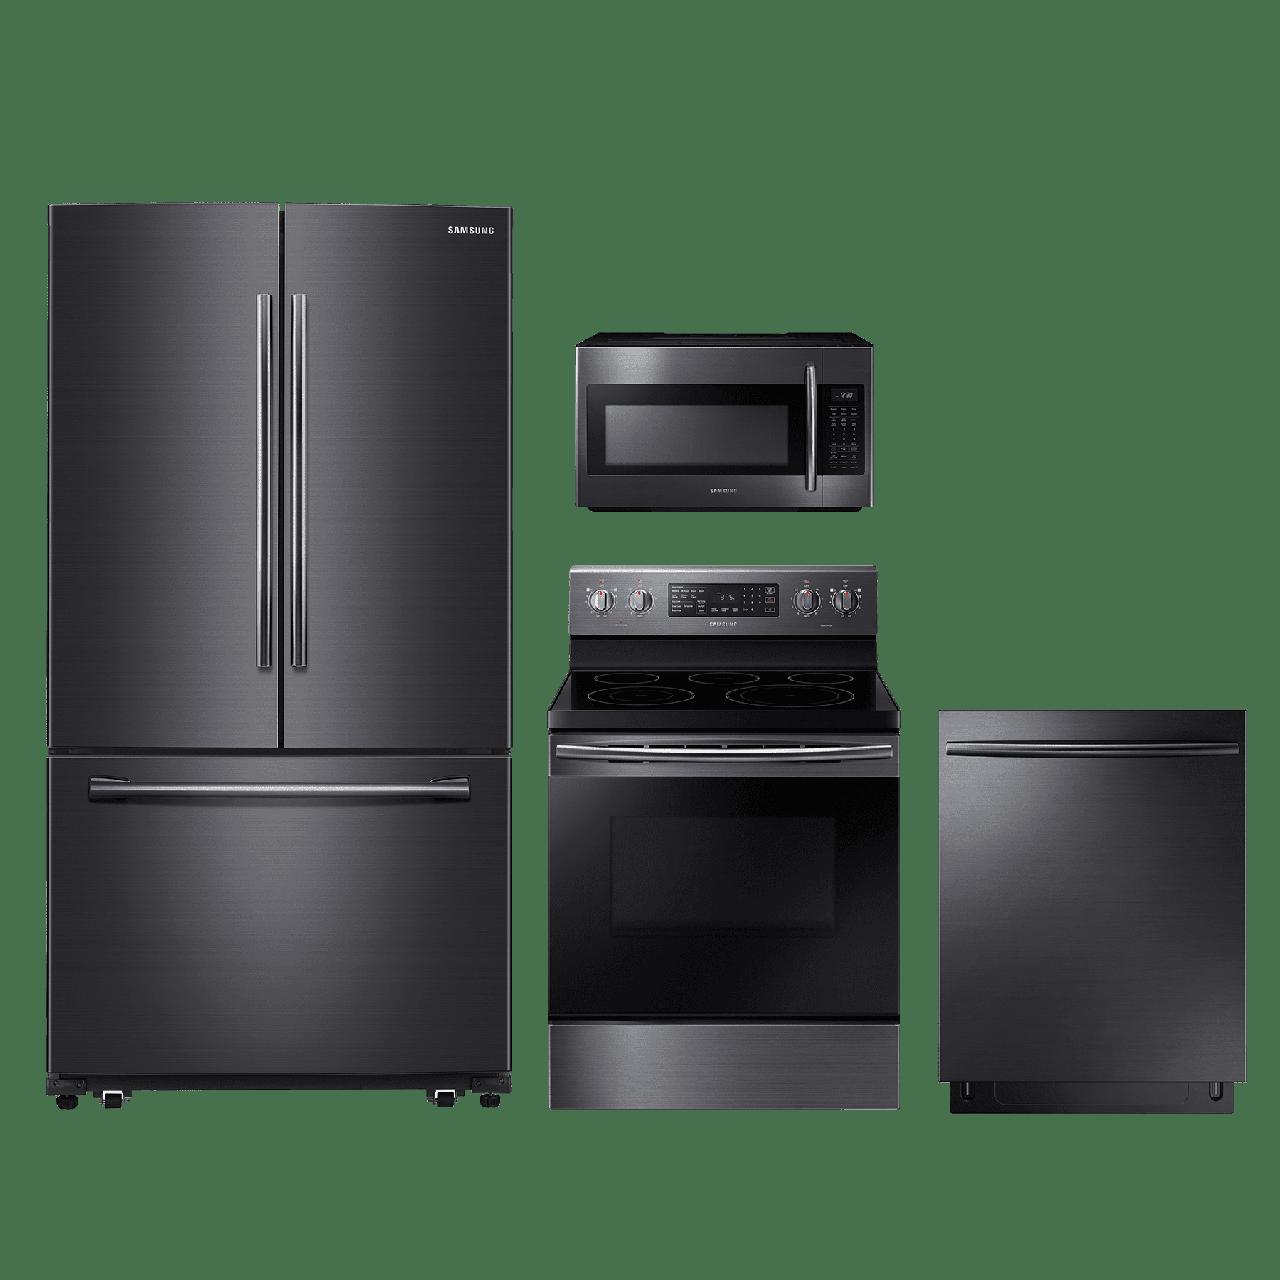 Samsung Kitchen Appliance Package: Samsung 4 Piece Kitchen Package-Black Stainless Steel